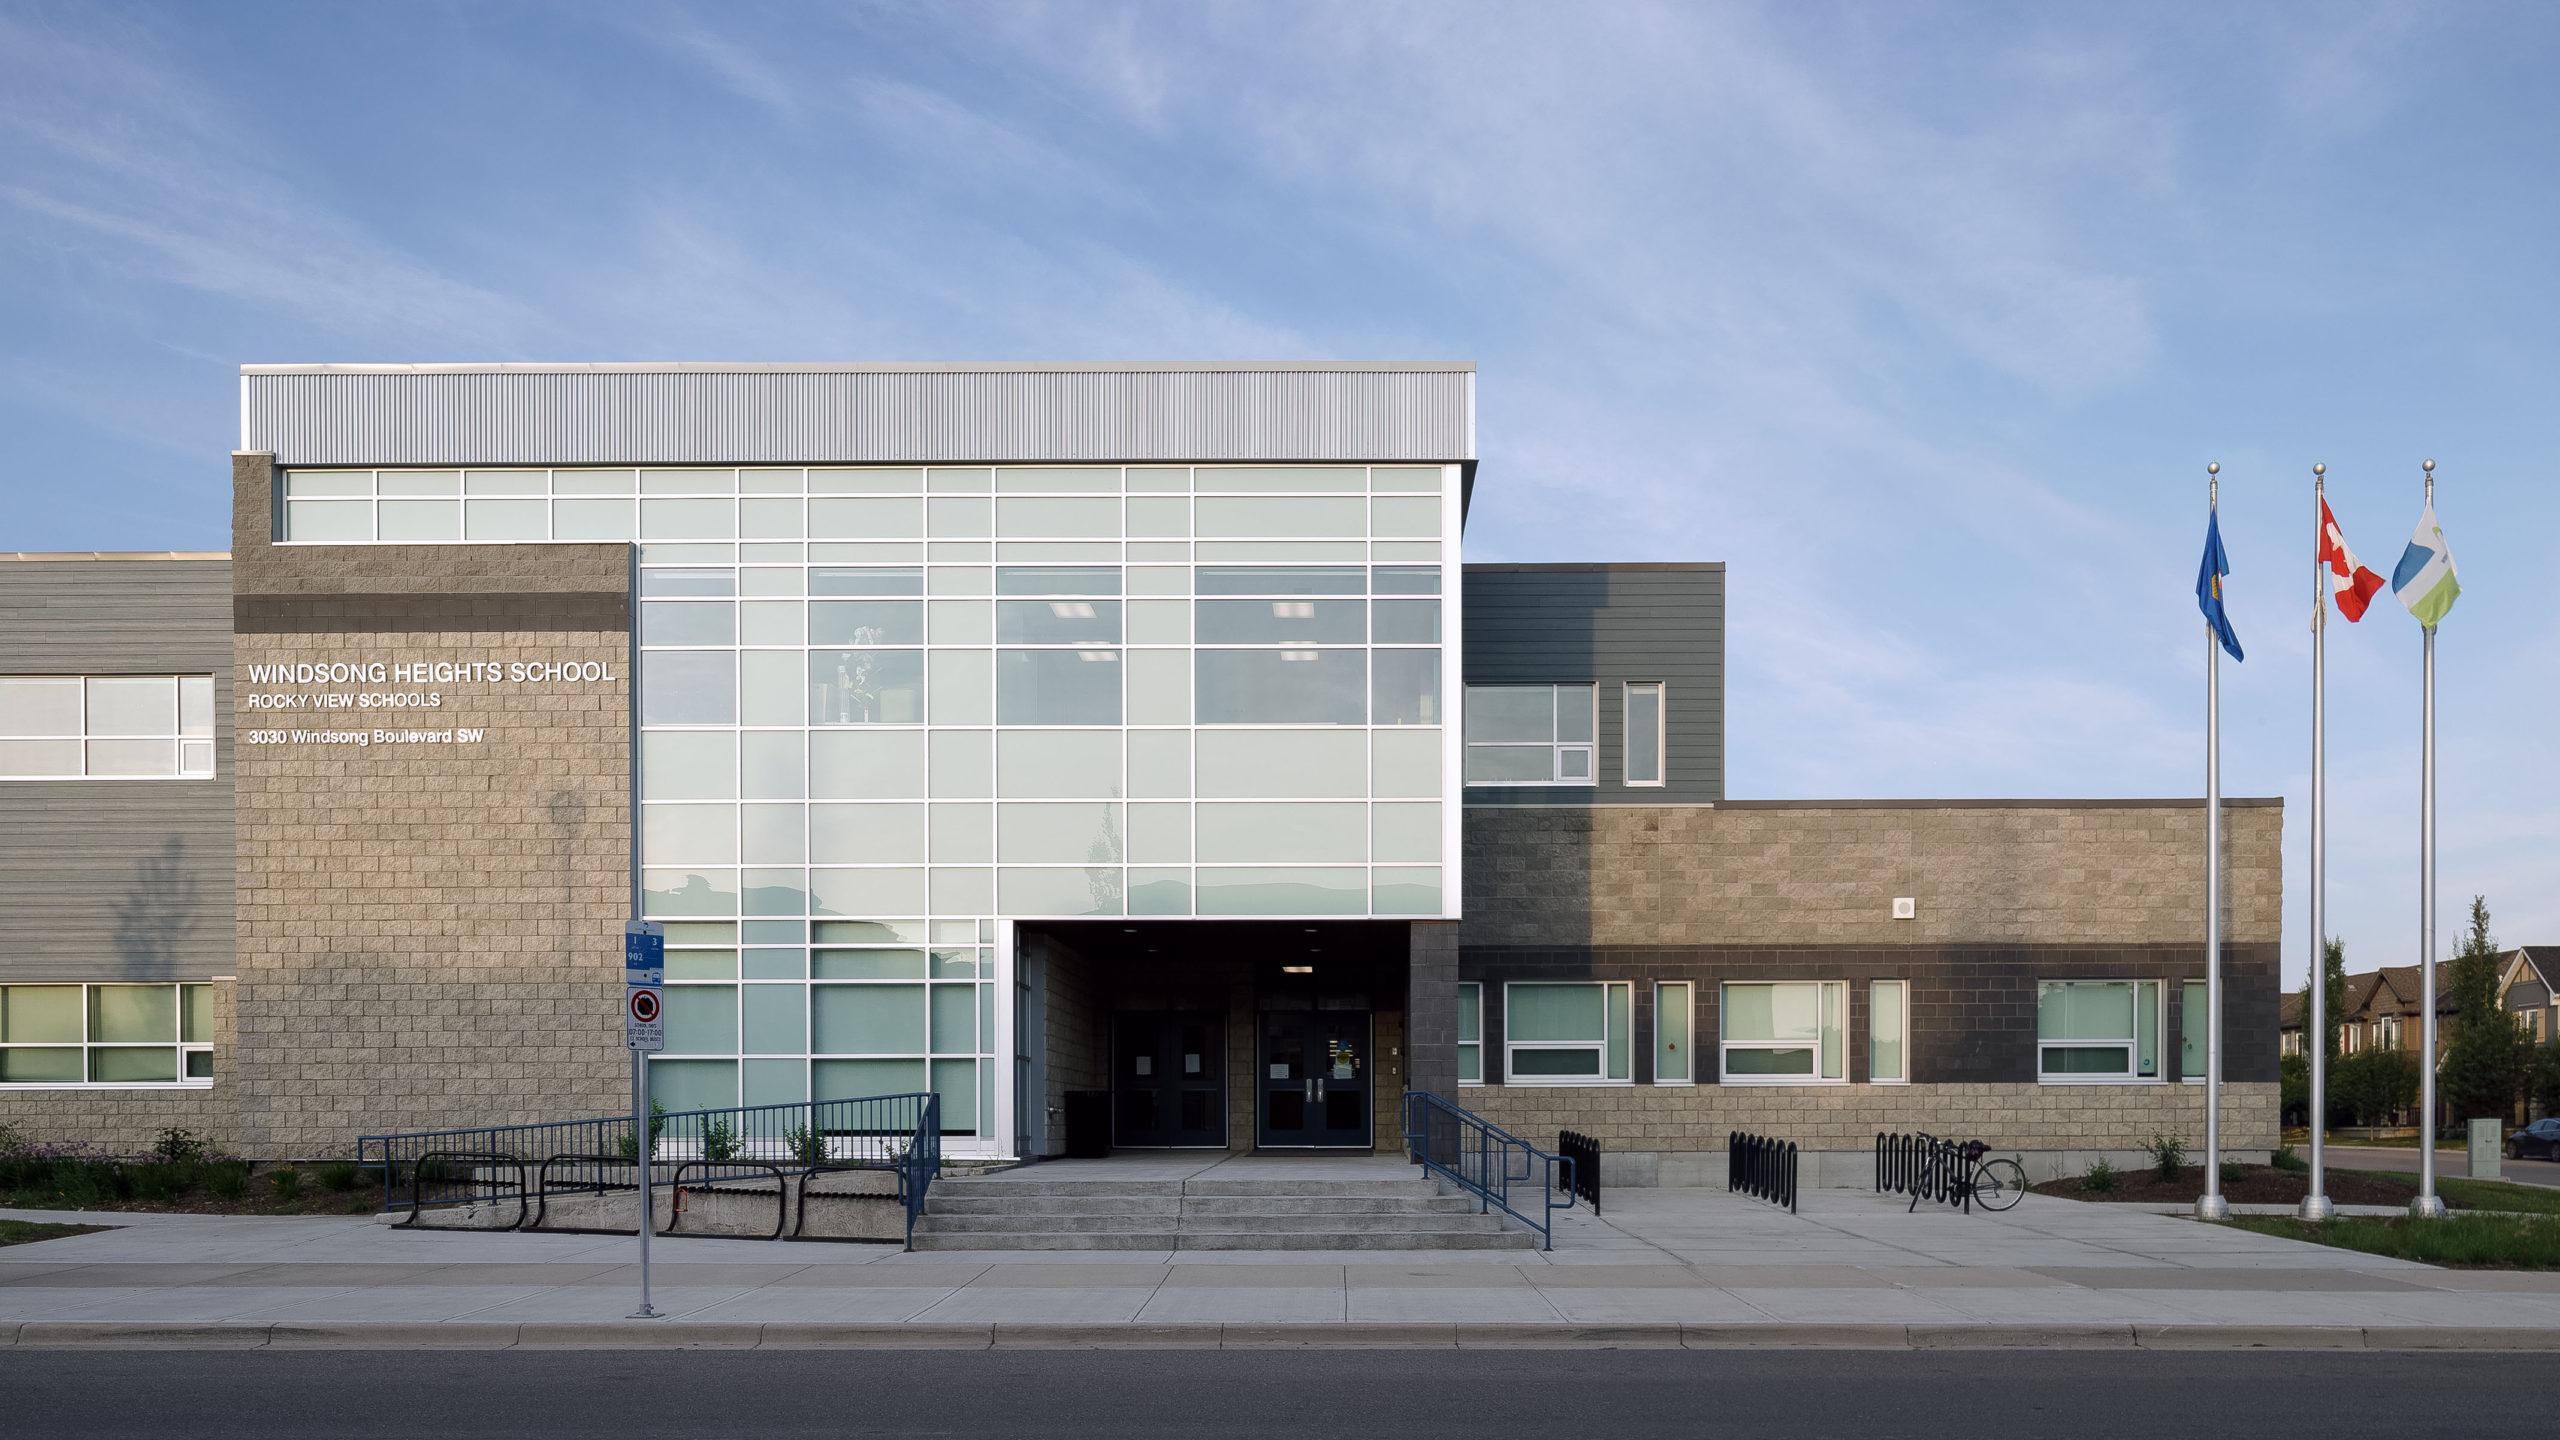 Windsong Heights School